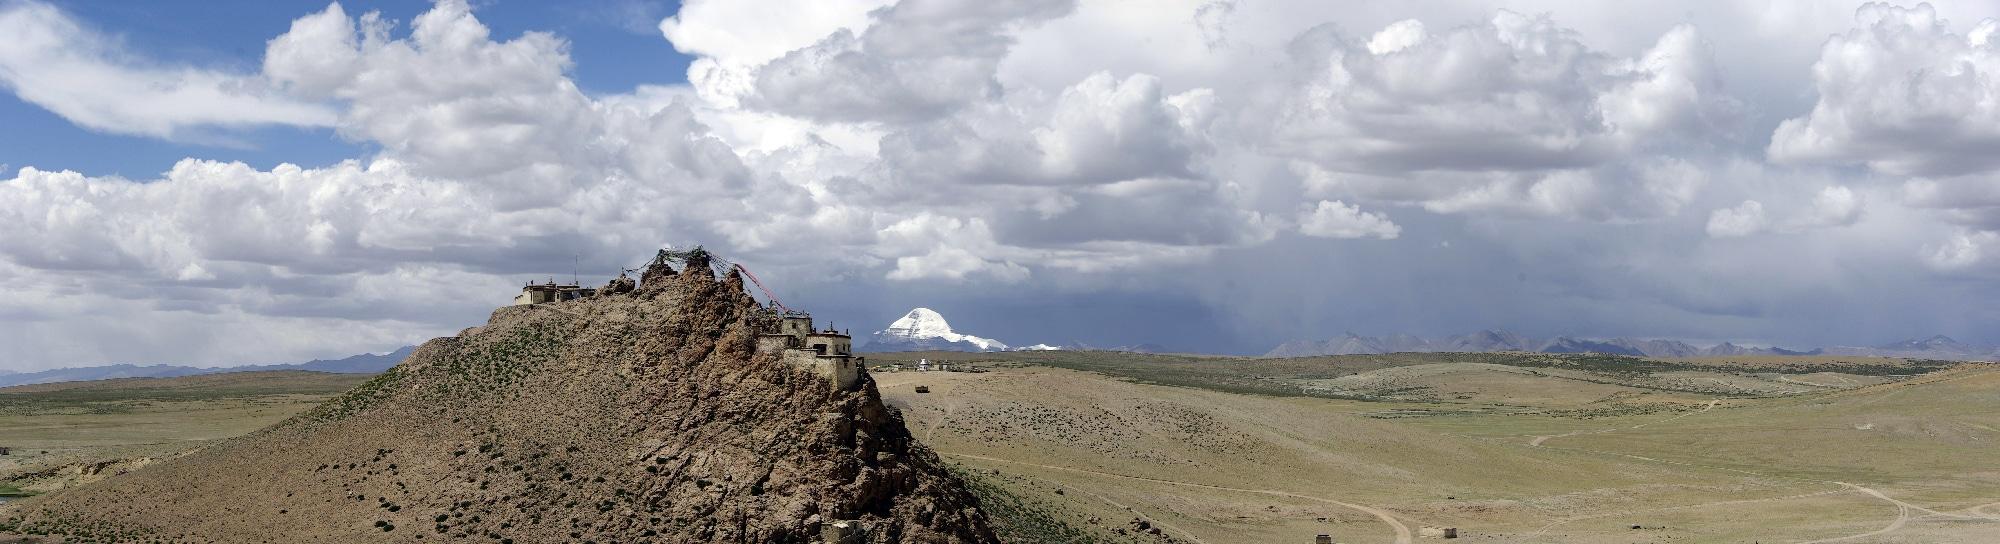 Le monastère de Chiu gompa et le mont Kailash en fond.